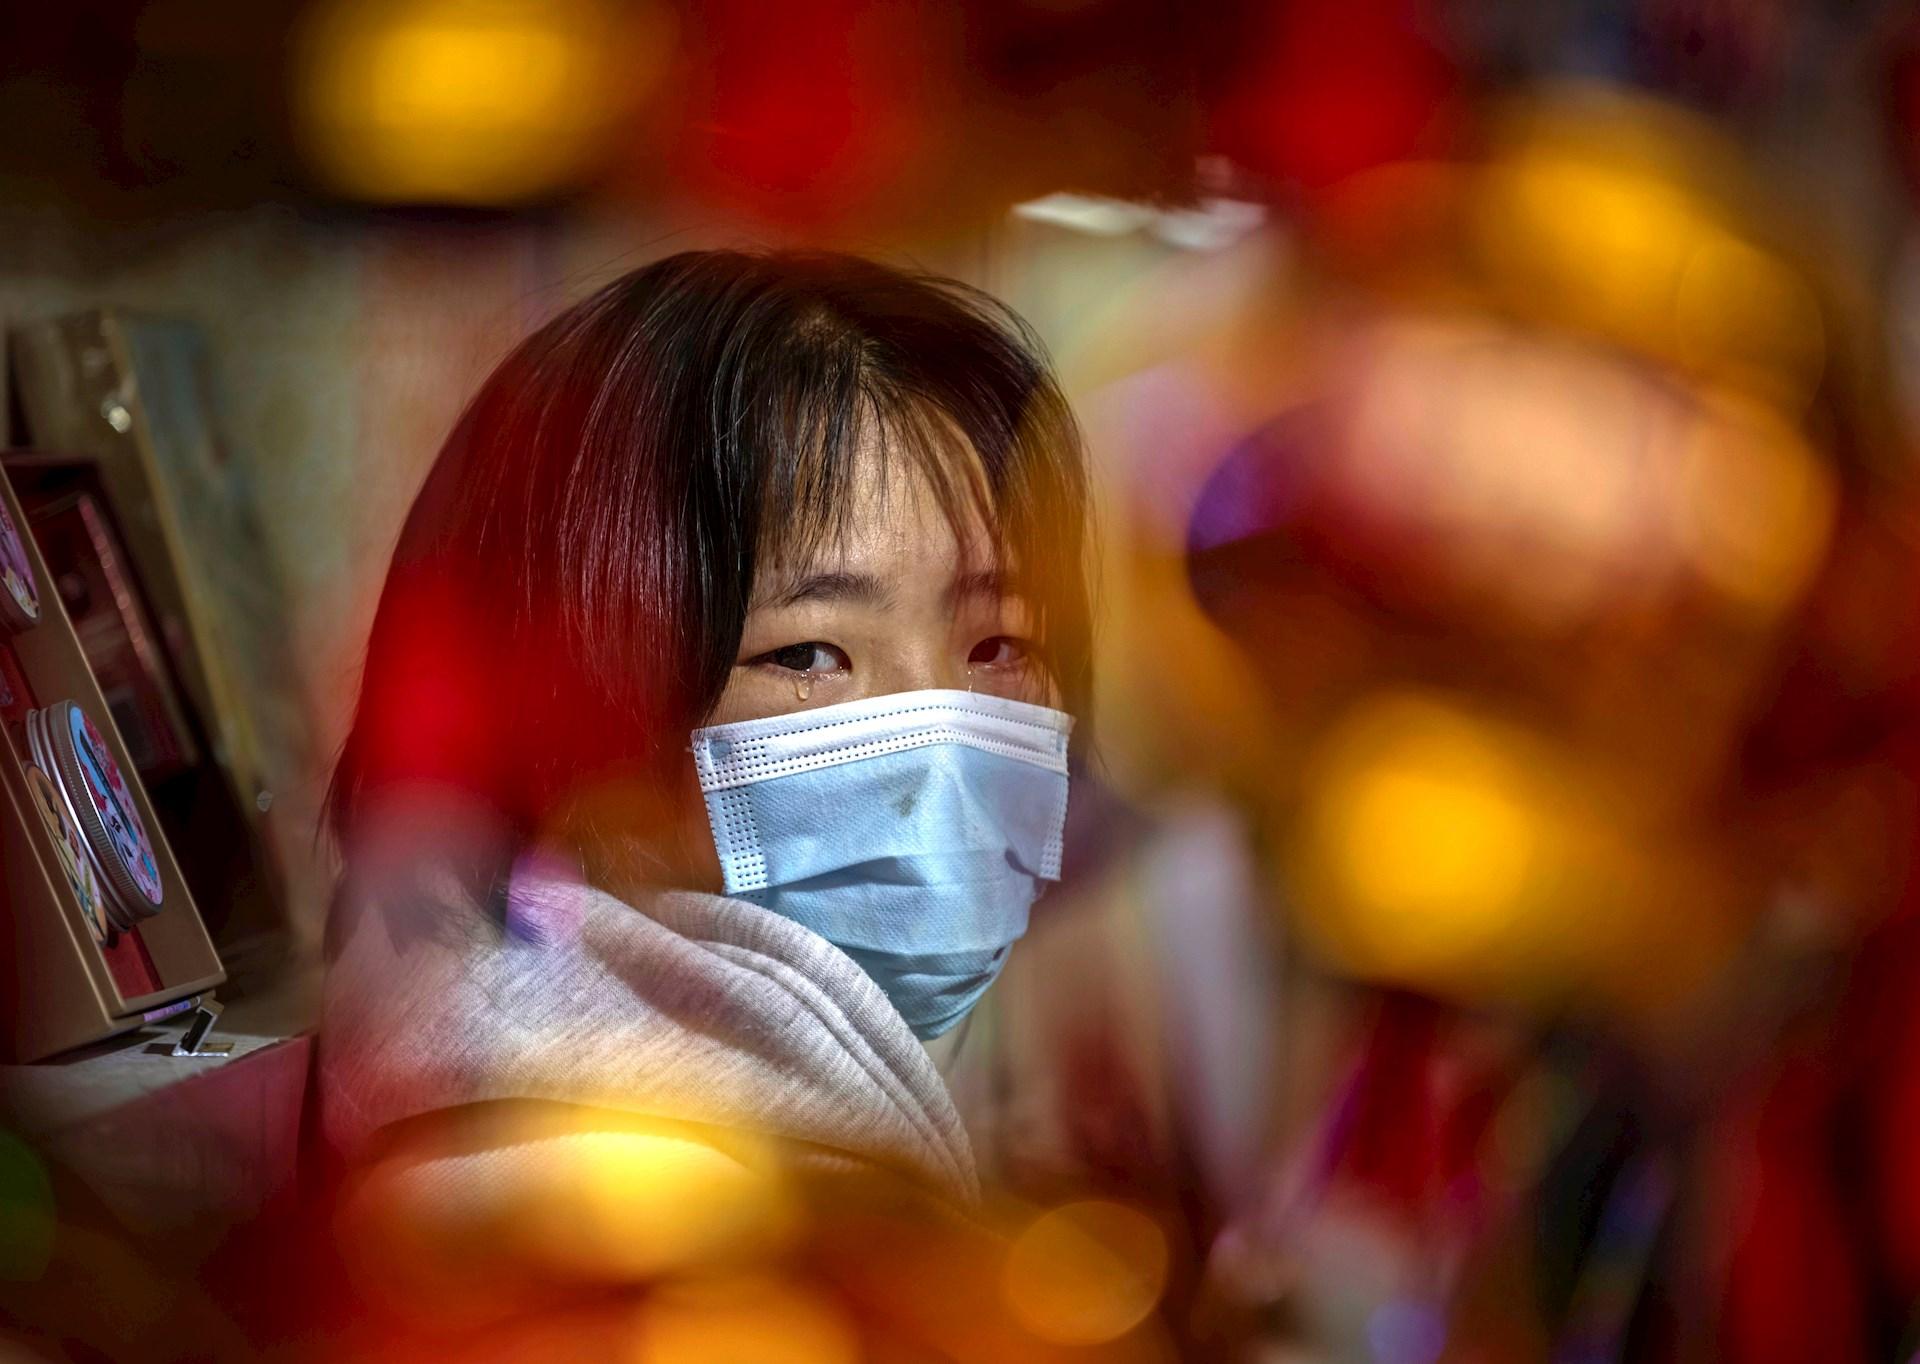 Una mujer con lágrimas en los ojos vende farolillos en su puesto del mercado callejero del jardín Yuyan en Shangái, China. Muchos son los que celebran este año en Shangái el Año Nuevo Lunar debido a la imposibilidad de viajar a sus hogares de origen para pasar las fiestas en familia debido a un nuevo brote que ha obligado a imponer nuevas restricciones de movilidad. Las celebraciones del Año Nuevo Lunar tienen lugar este año entre el 11 y el 26 de febrero. Foto de EFE/ Alex Plavevski.